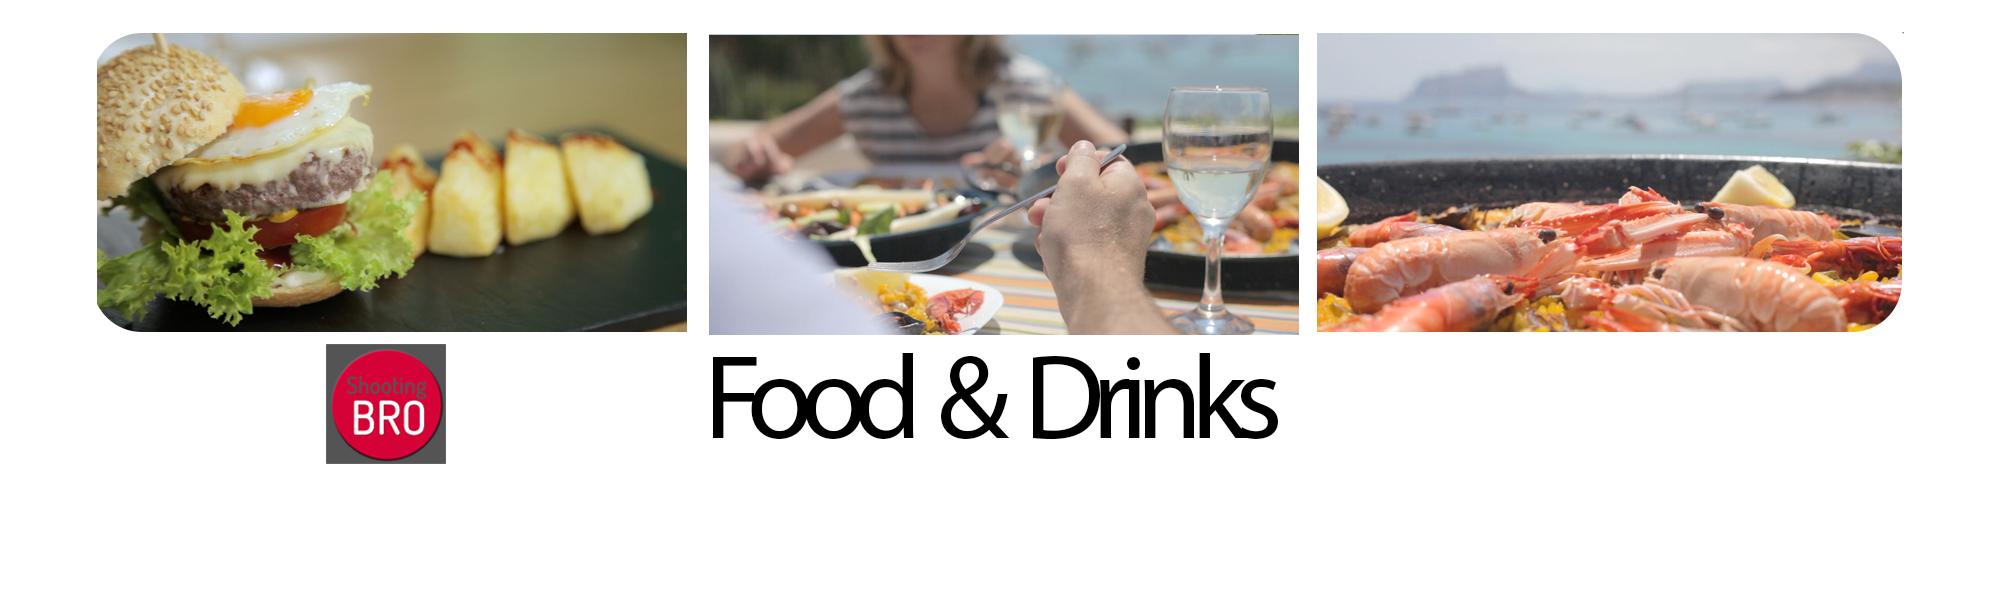 SLIDE VH FOOD & DRINKS